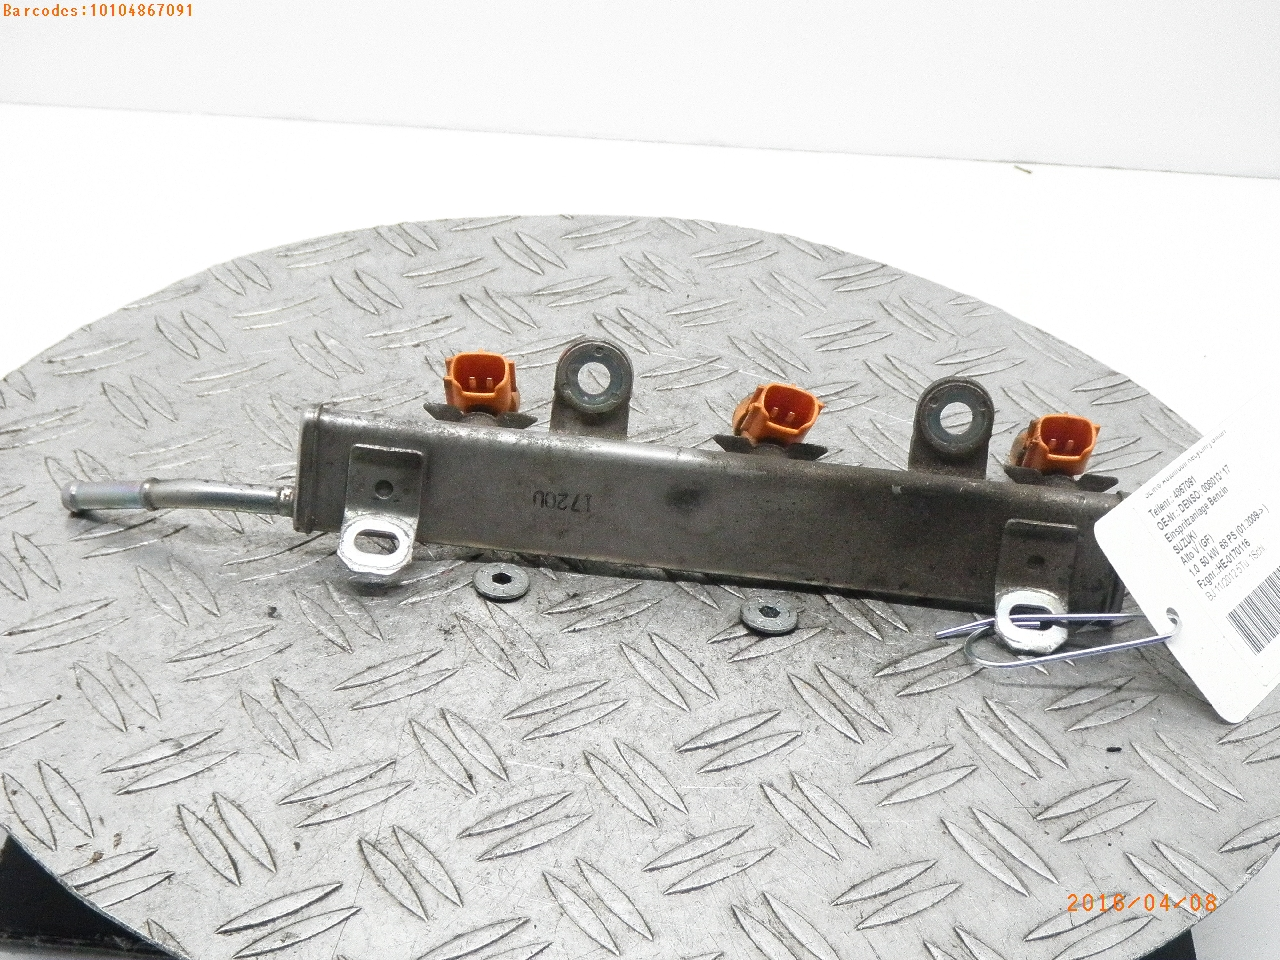 cad356f9a69b8 Fuel Pump SUZUKI, ALTO (GF) 1.0 (AMF310)(5 doors)